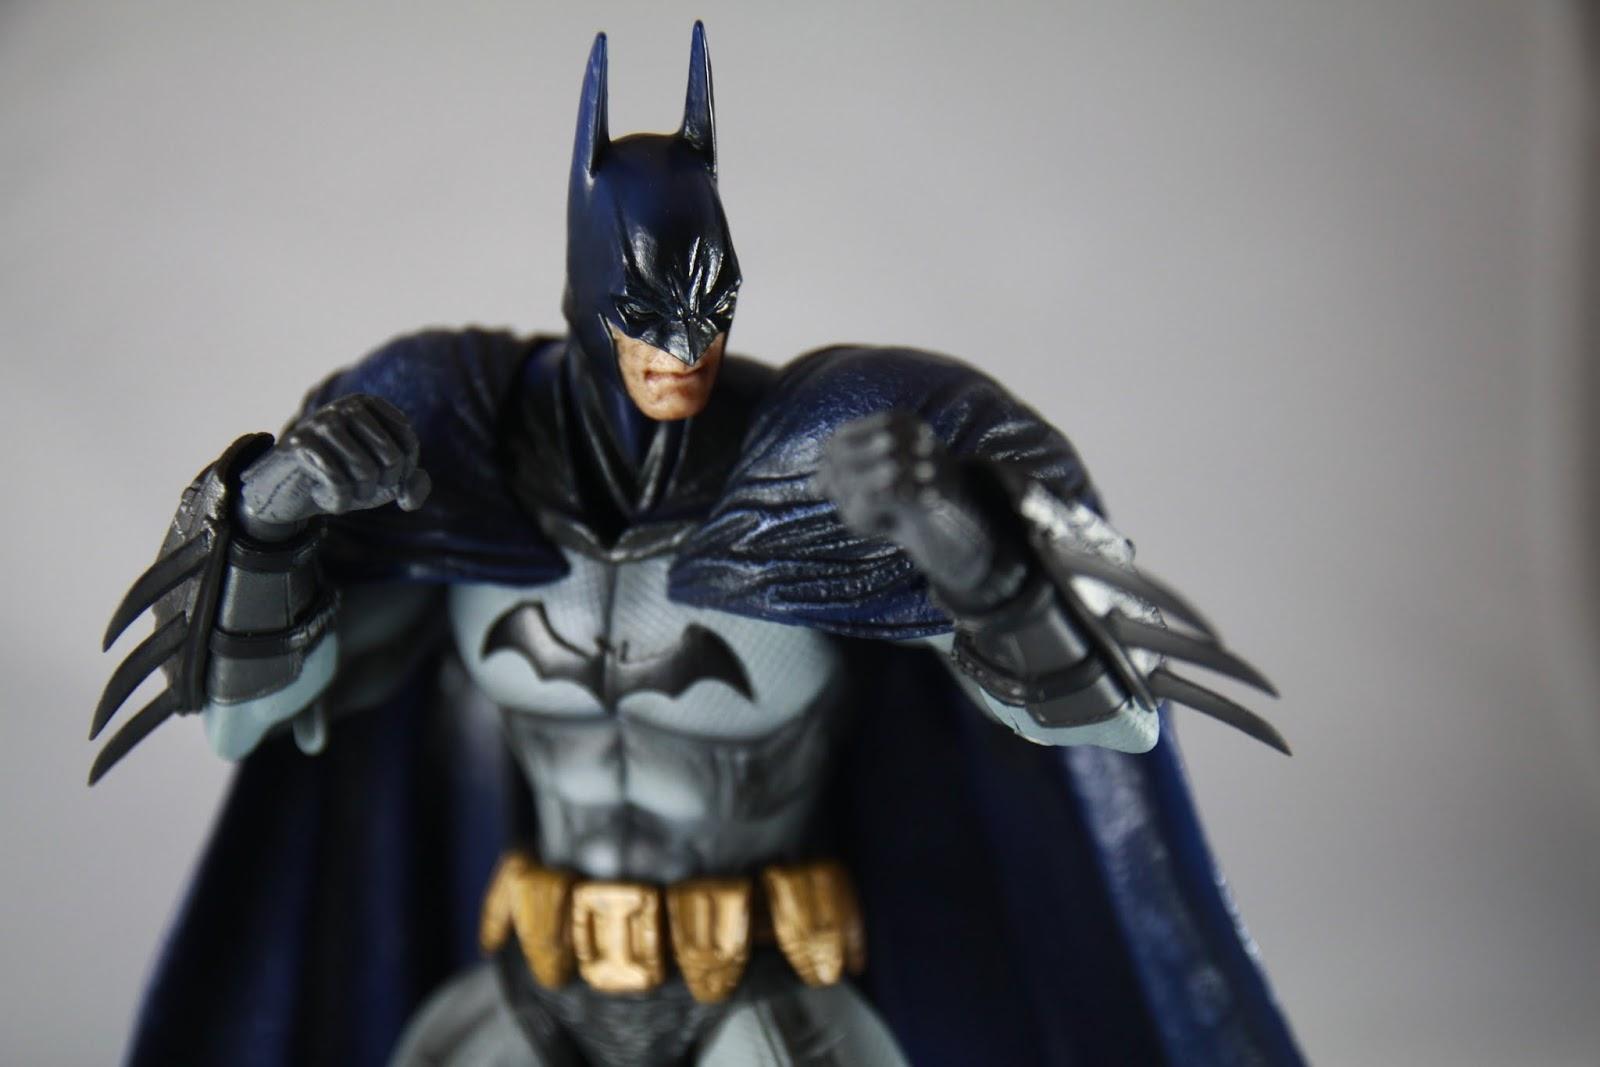 依舊帥氣滿分 還有我這次買到的胸前蝙蝠標誌不再是歪的了~(灑花)